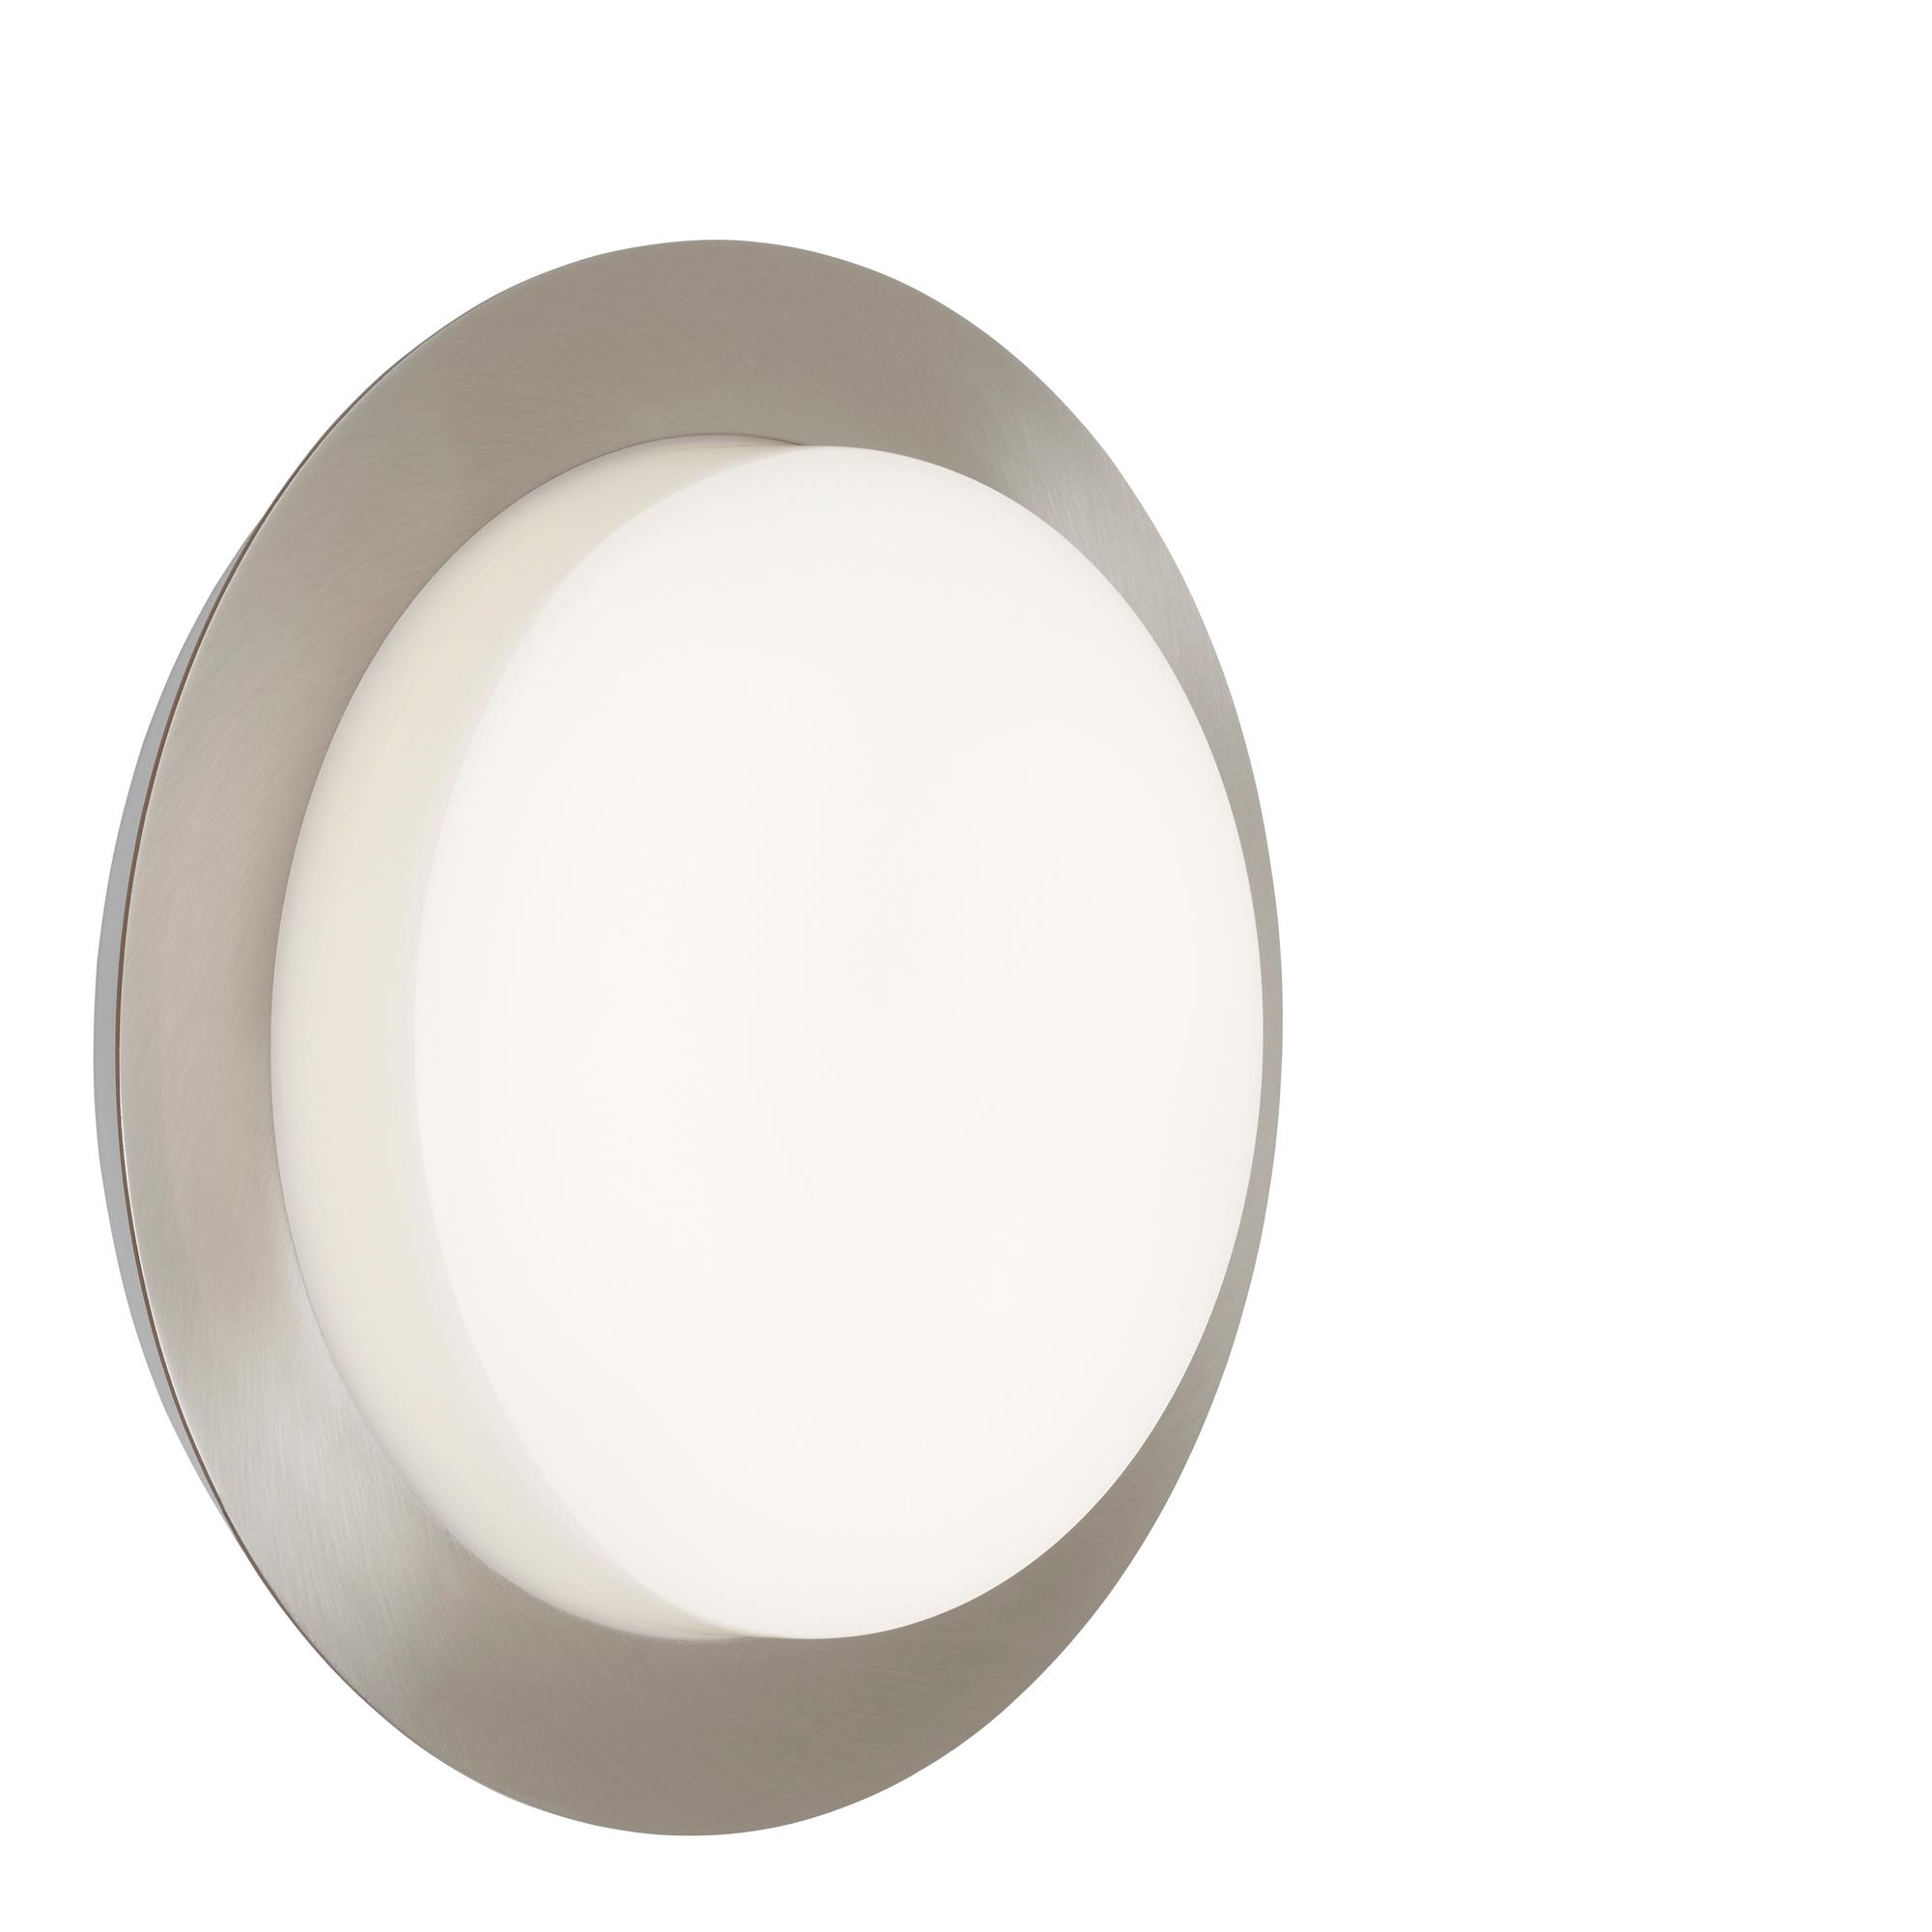 TELEFUNKEN LED Außenwandleuchte, Ø 30 cm, 15 W, Silber